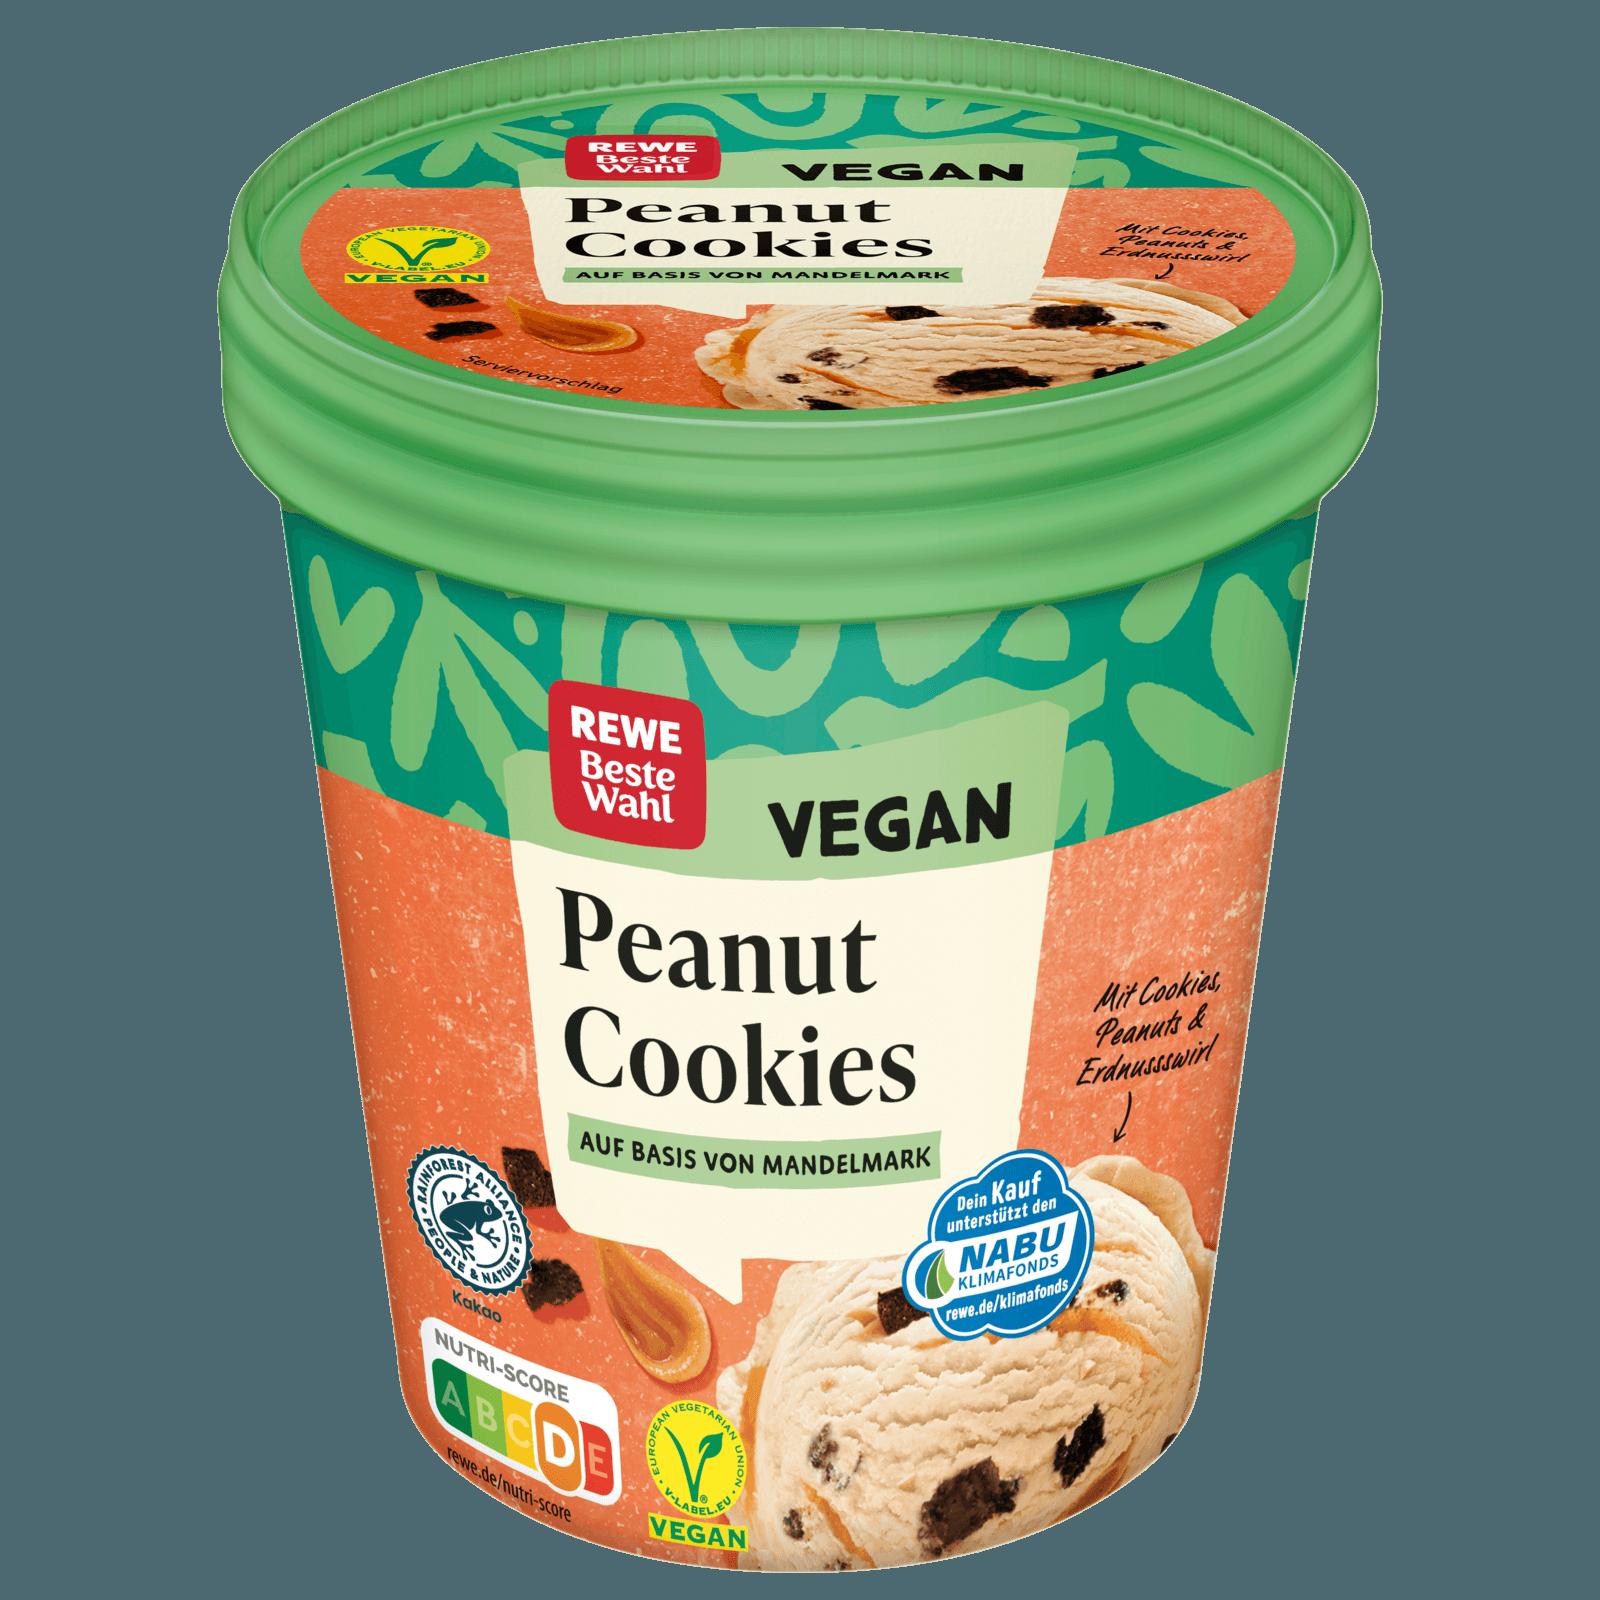 REWE Beste Wahl Peanut Cookie Eis vegan 20ml bei REWE online ...